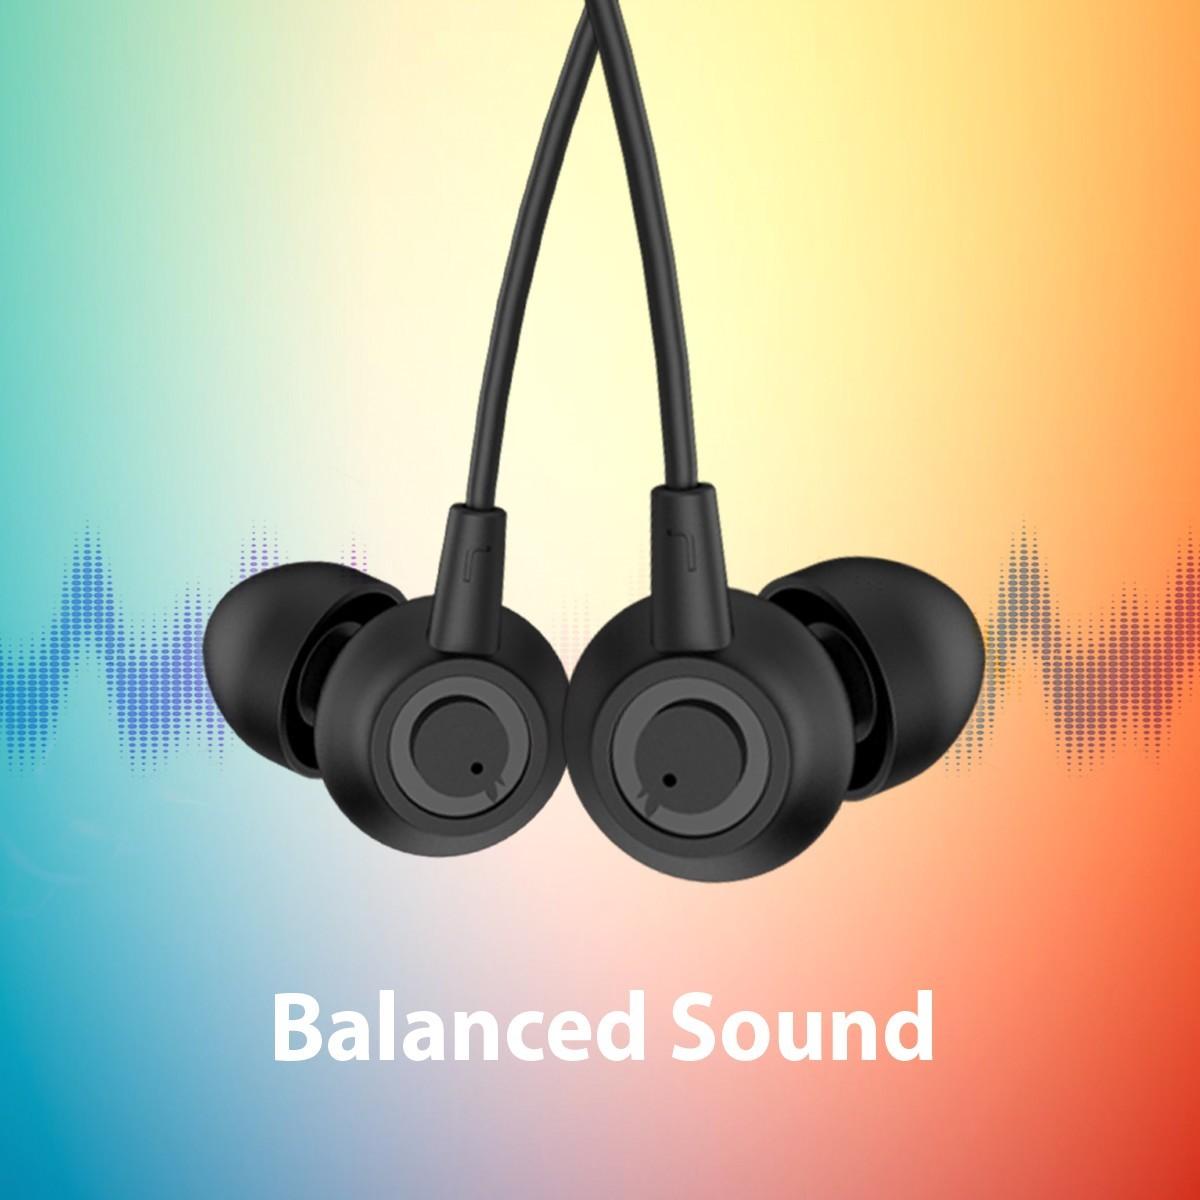 Blaupunkt Wireless Headphones